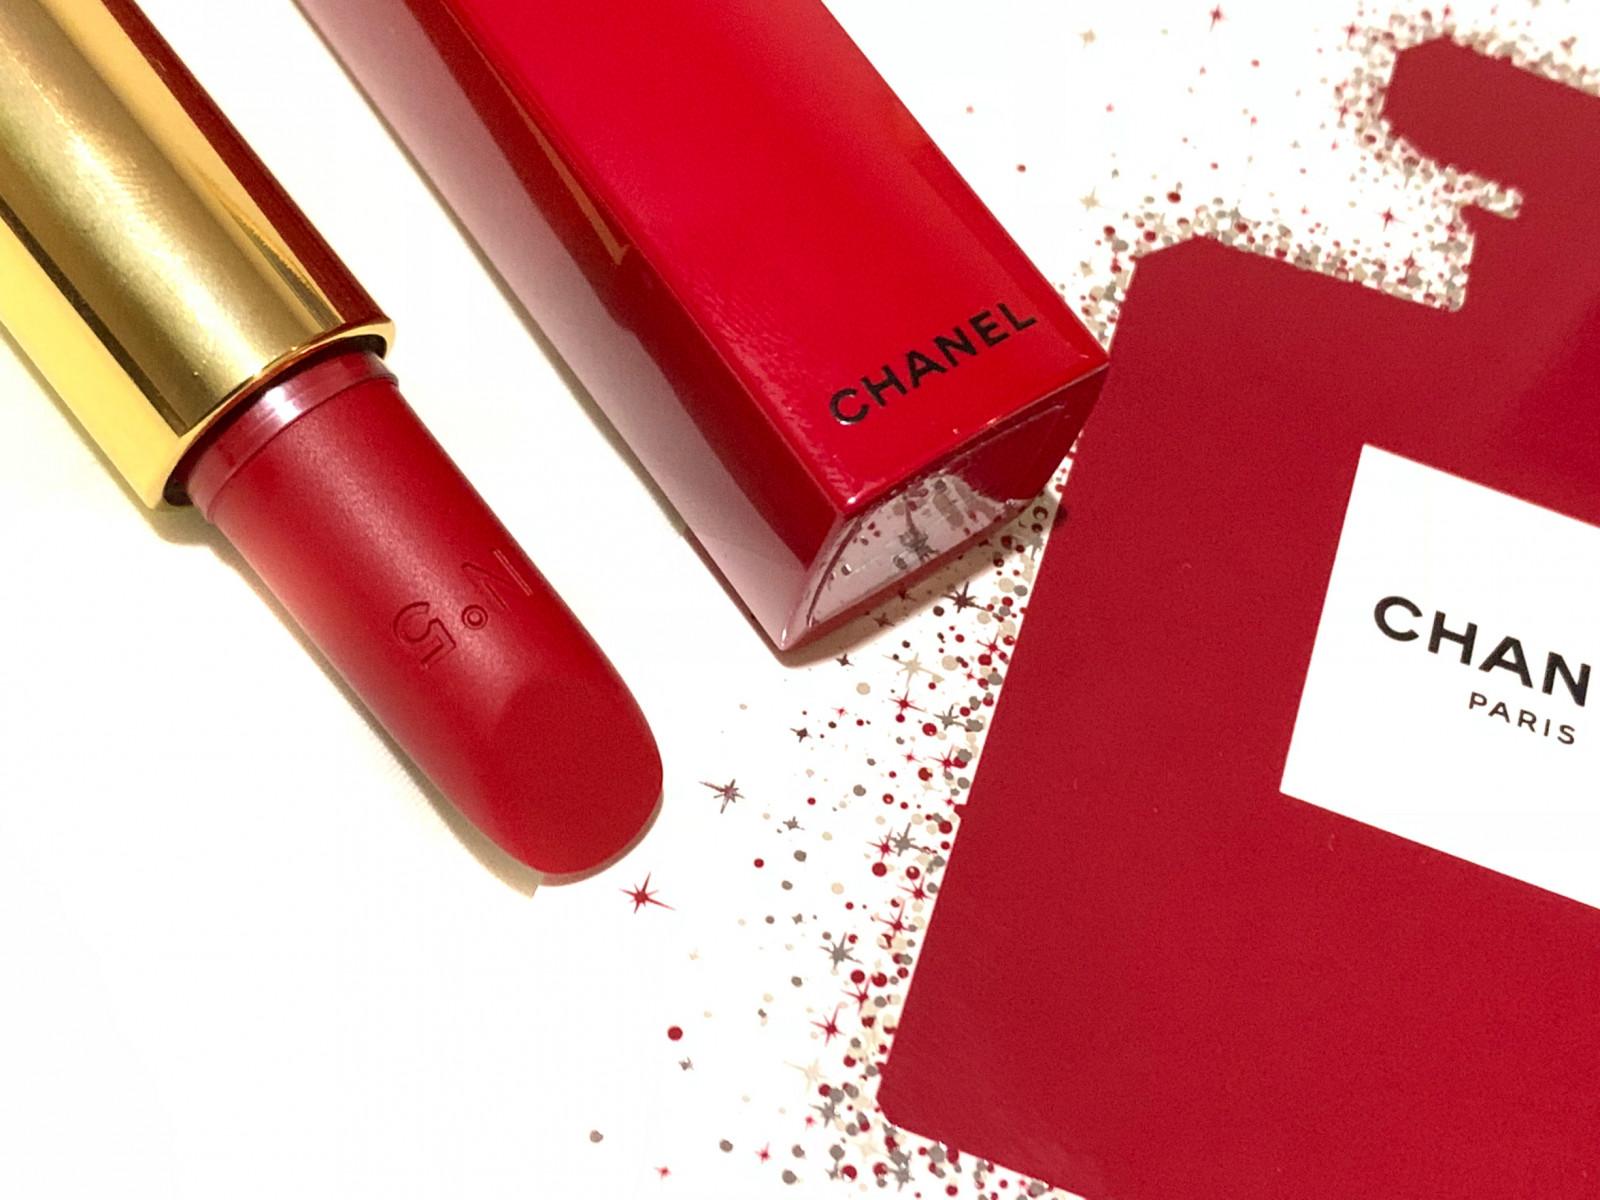 クリスマス限定コスメ Chanelのn 5リップで特別な 赤 を マキア